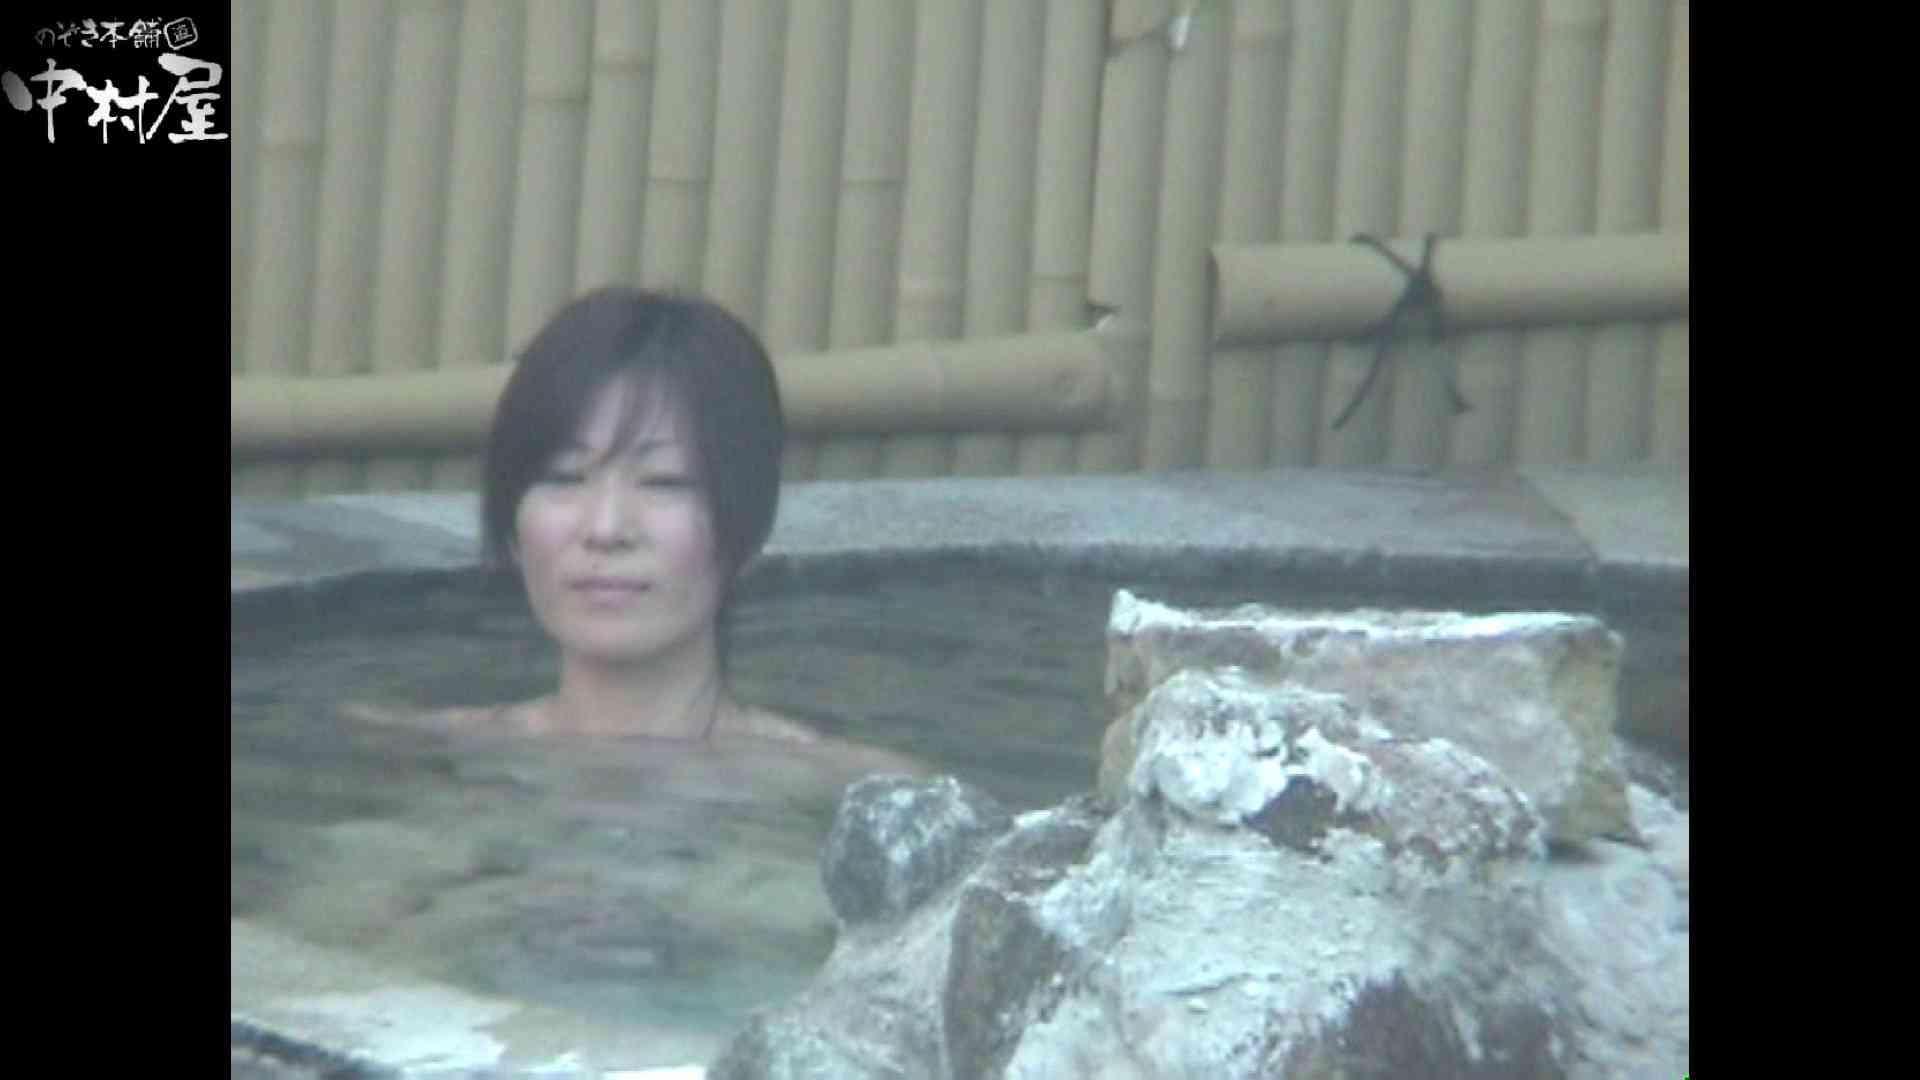 Aquaな露天風呂Vol.972 OLのエロ生活  105連発 33